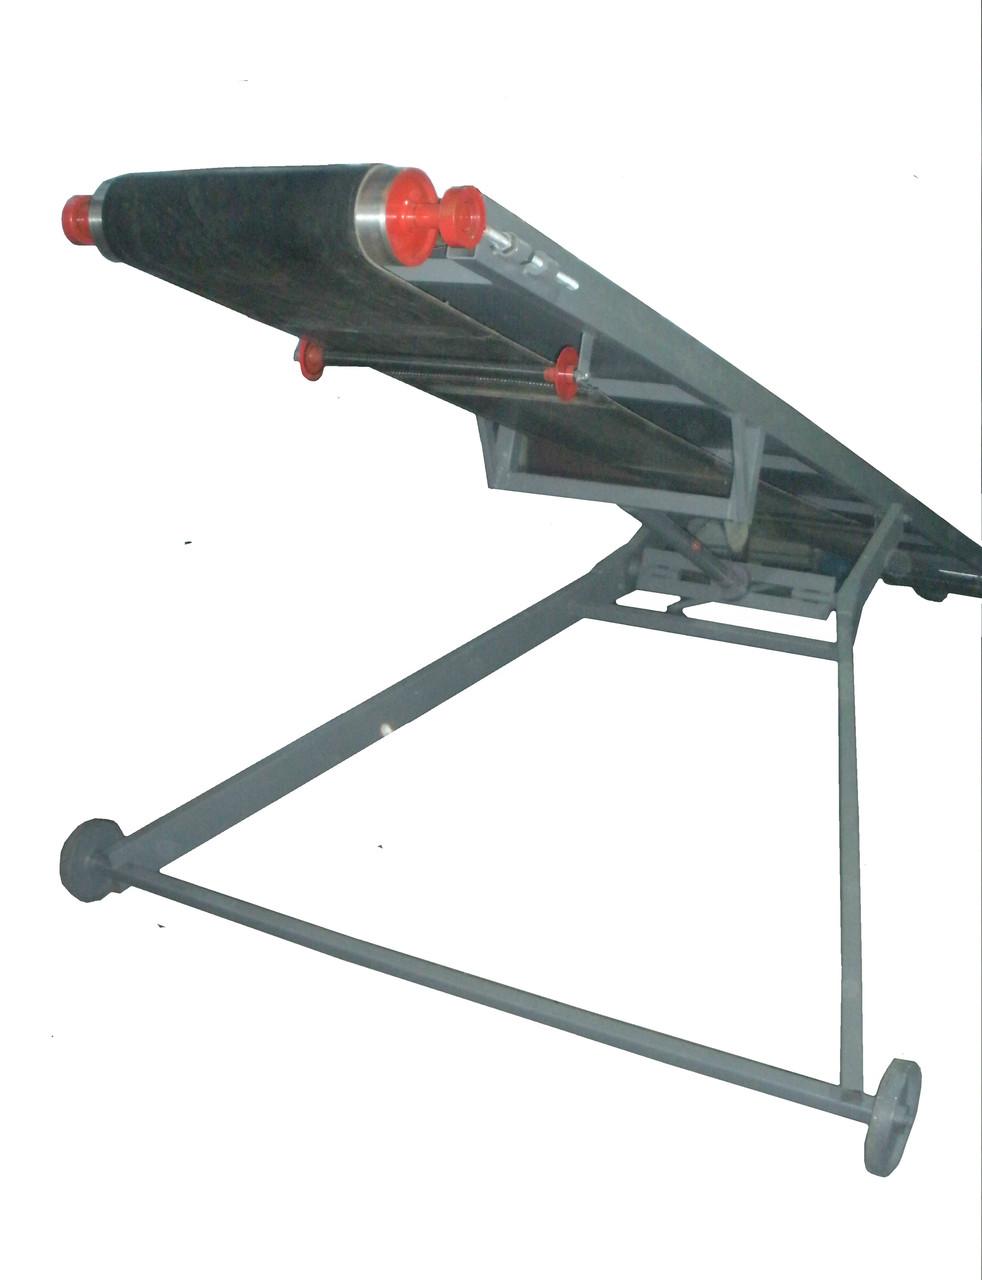 Куплю передвижной транспортер конвейеры для бамперов